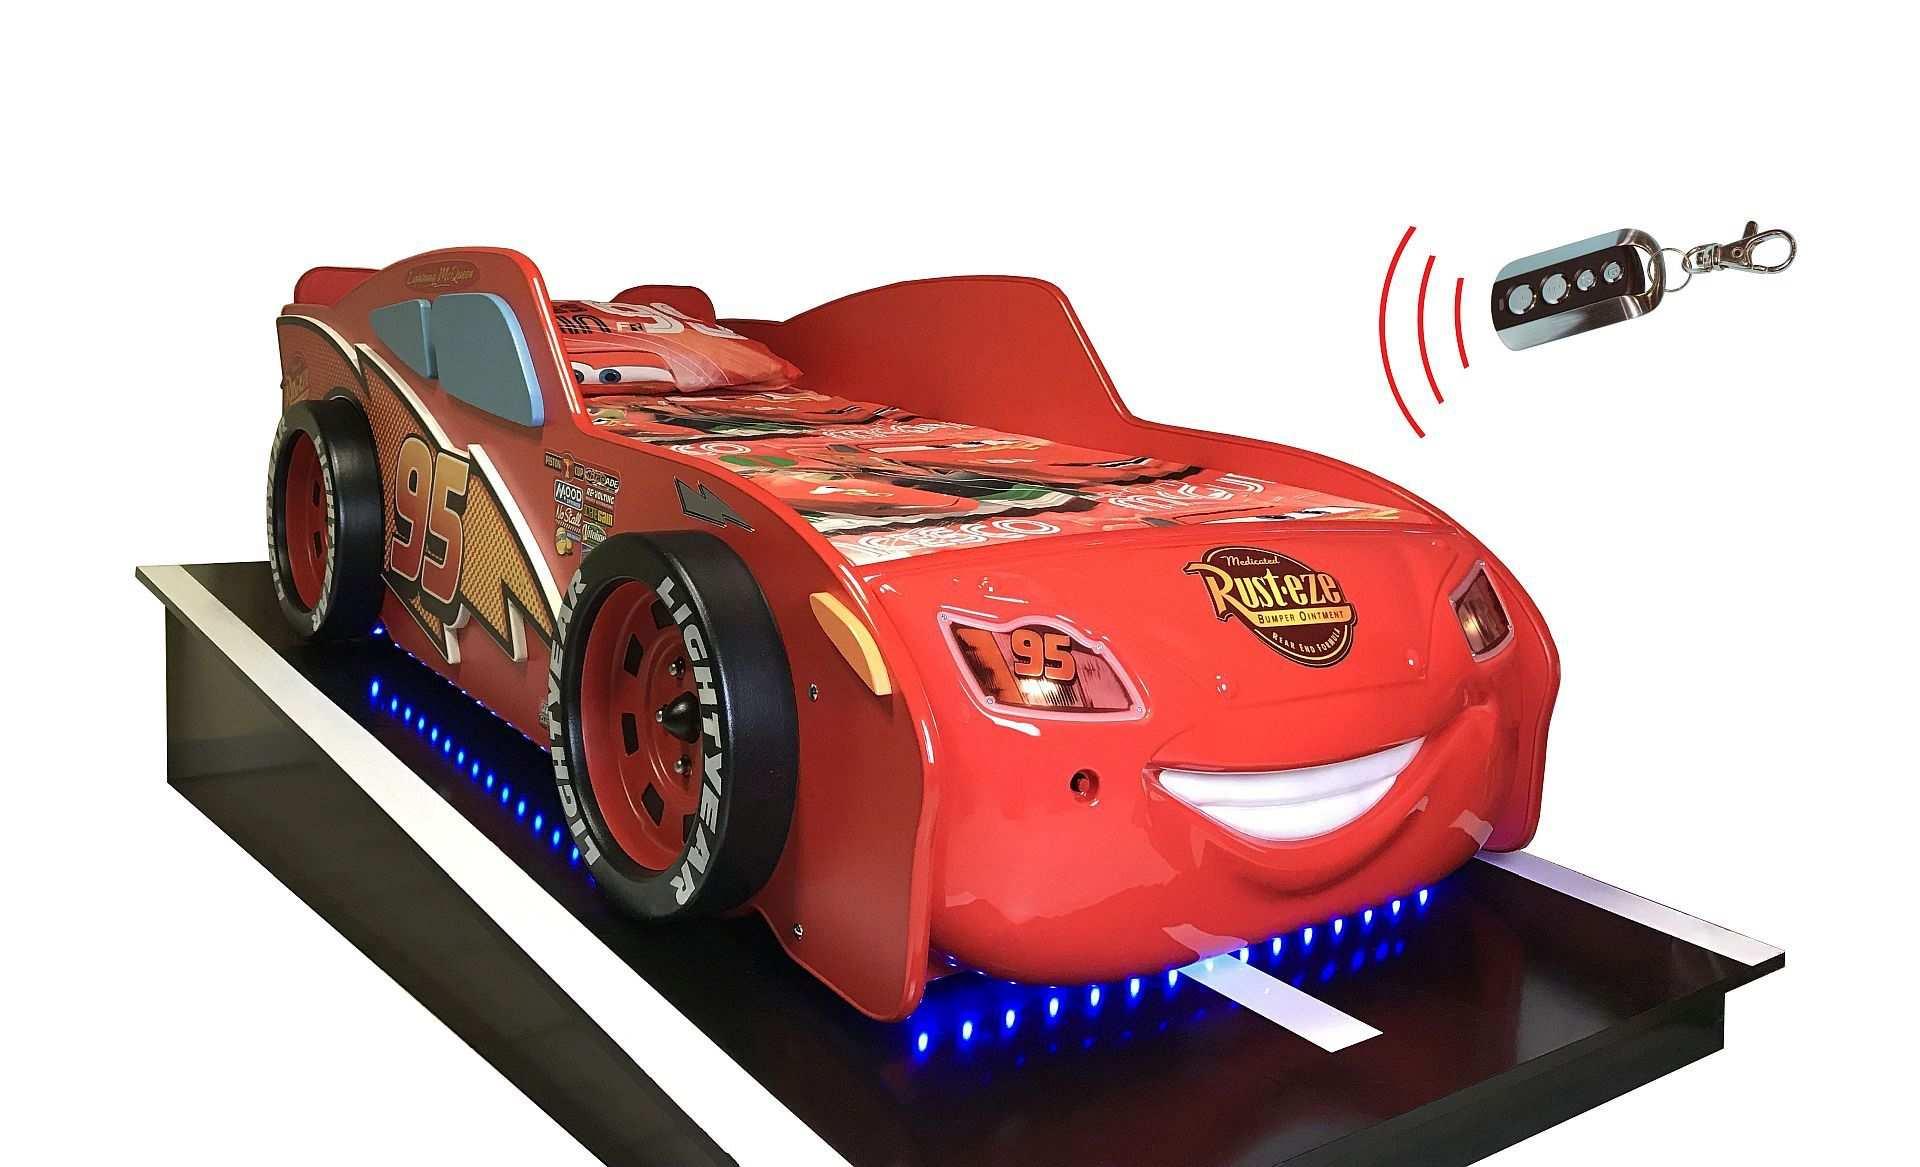 Full Size of Cars Bett Autobett Mc Queen Mit Sound Traum Mbelcom Metall Bette Badewannen Wasser Such Frau Fürs Landhausstil Jugend Betten Schlicht Günstig Kaufen 140x200 Bett Cars Bett